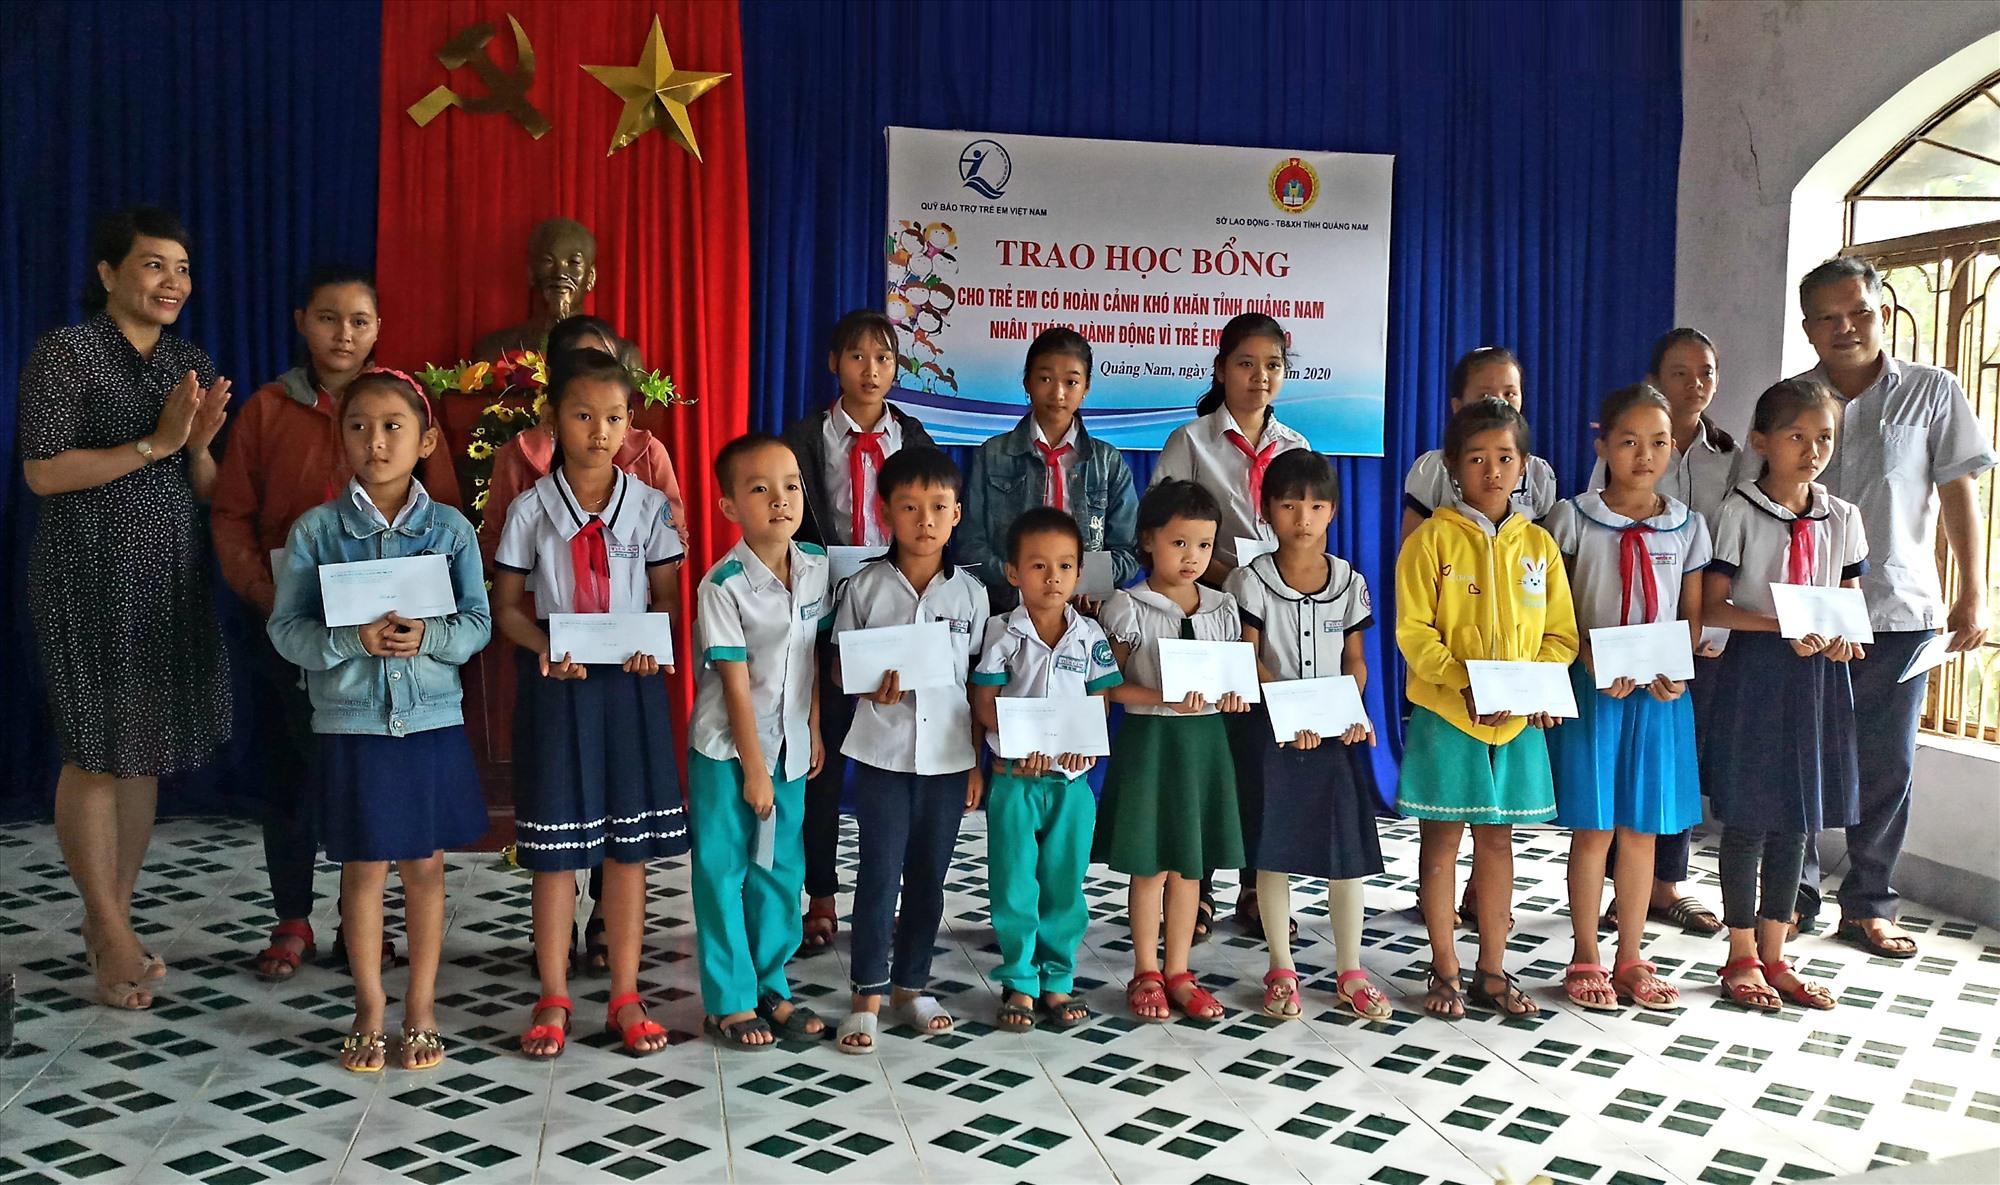 Trao học bổng cho trẻ em có hoàn cảnh khó khăn trên địa bàn Tiên Phước. Ảnh: N.H